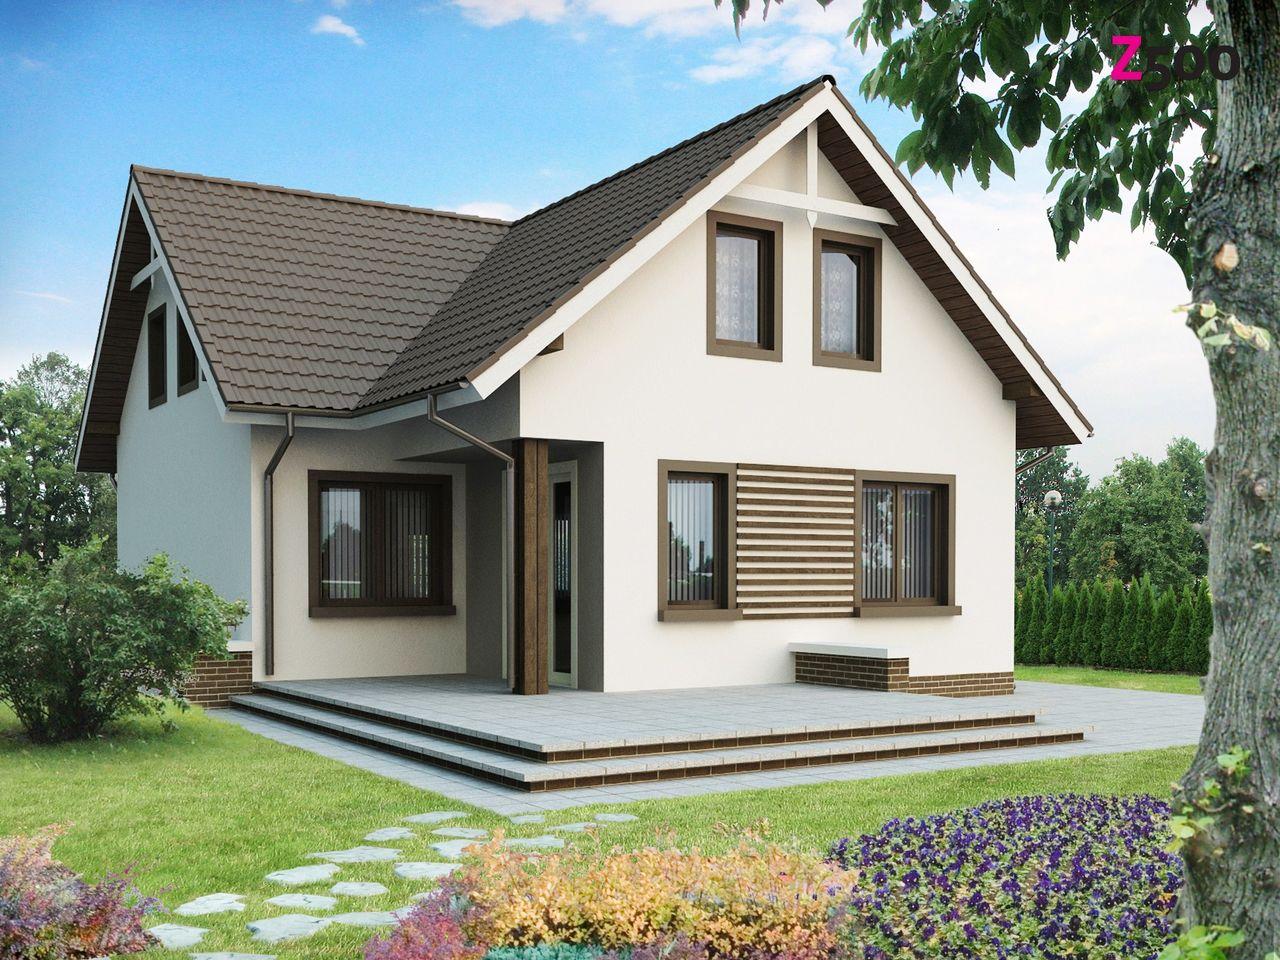 проект деревянного дома 8х8 - Фото галерея проектов